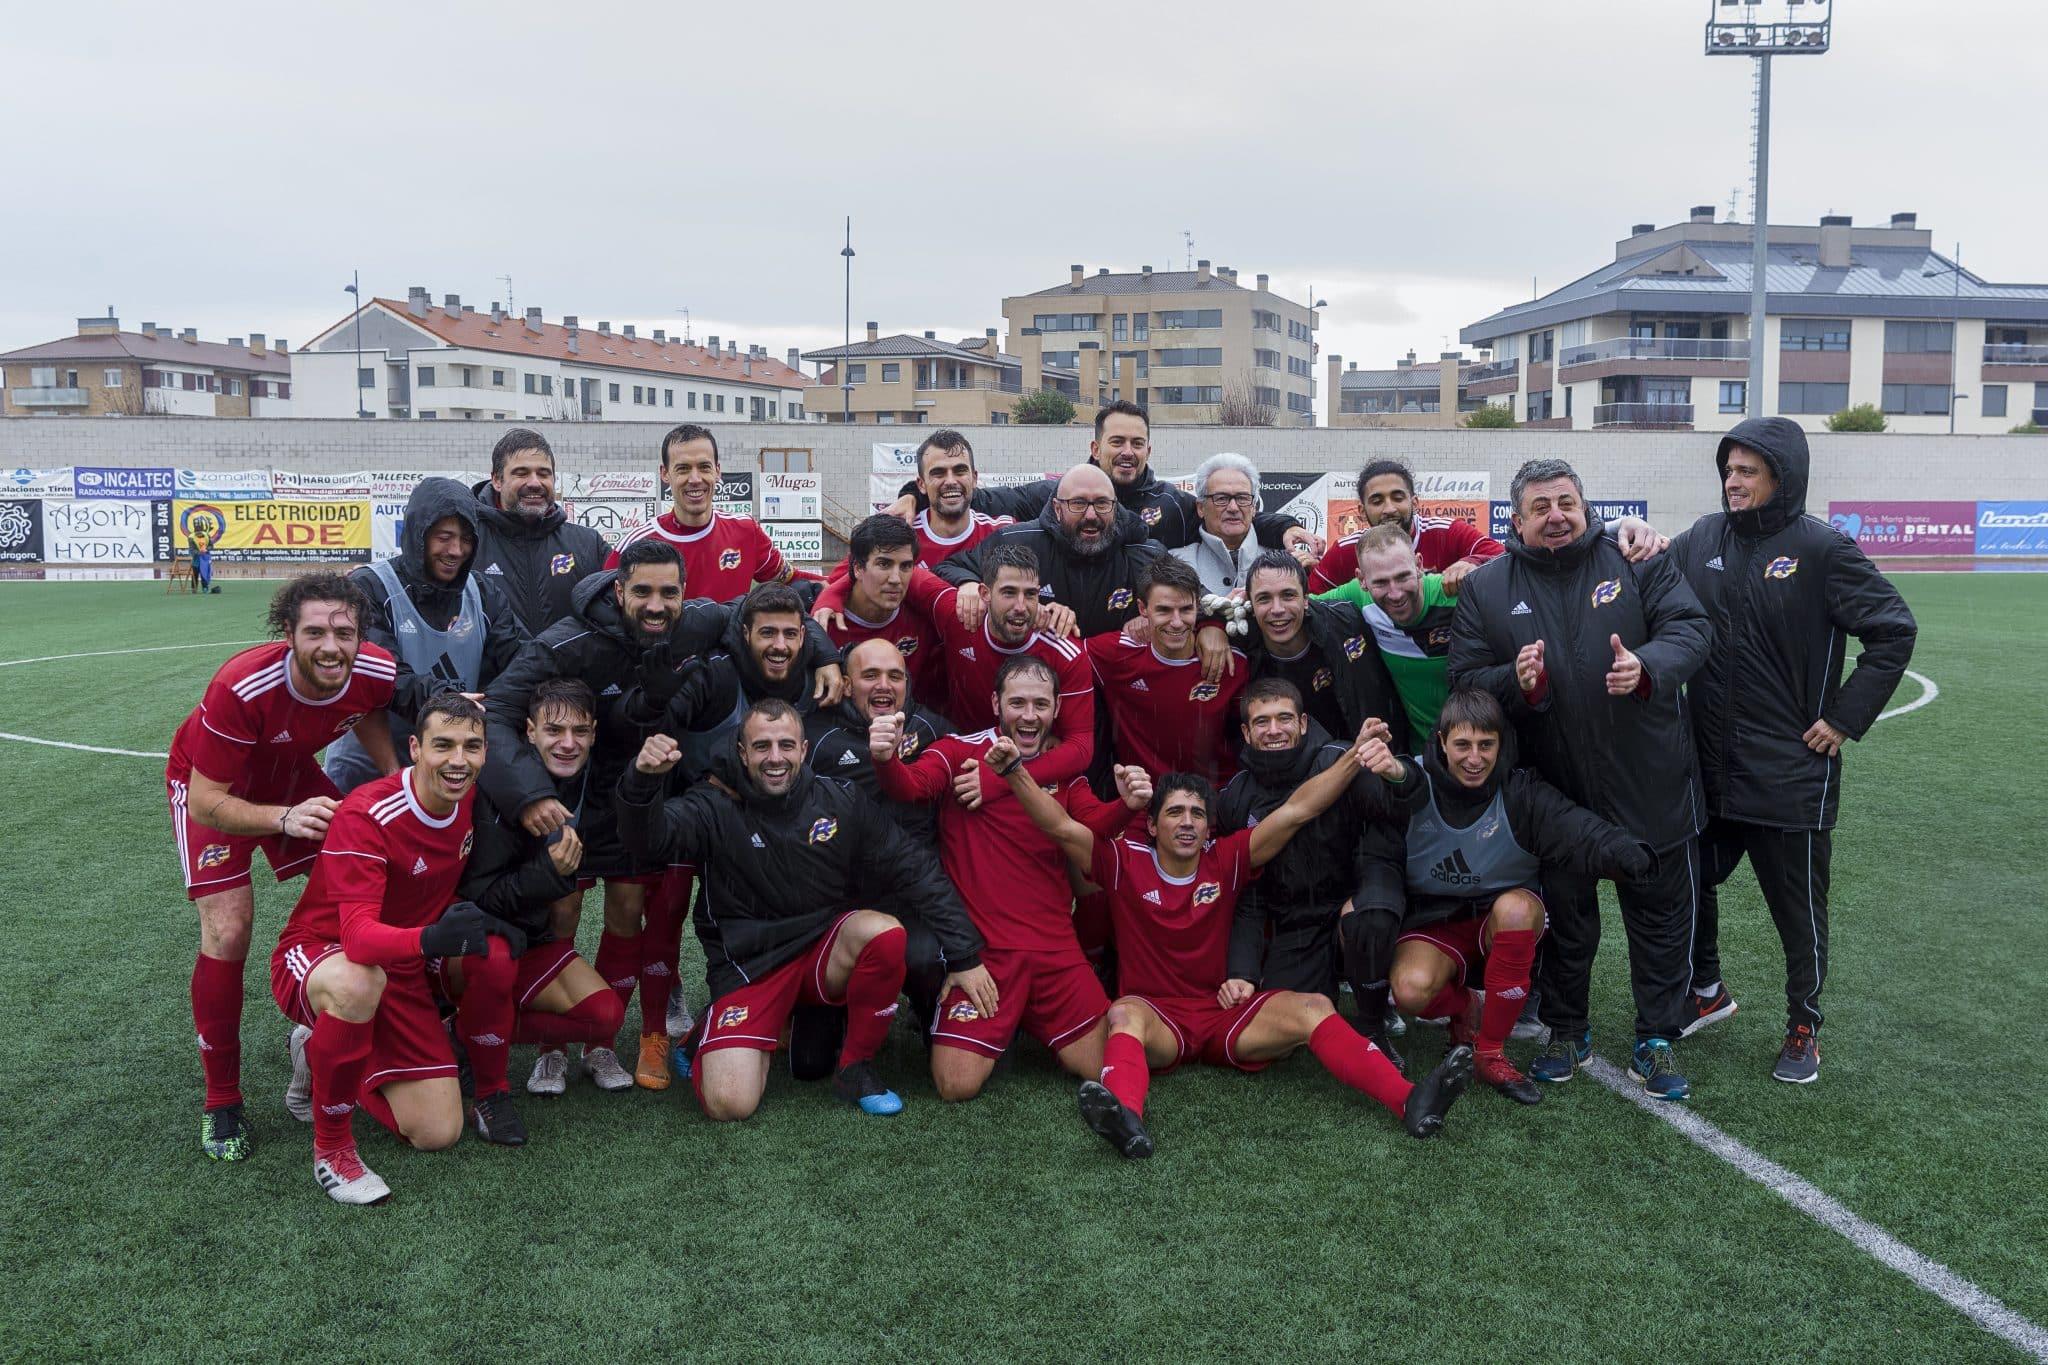 La Selección Riojana de Fútbol estará en la siguiente fase de la Copa de las Regiones UEFA | Foto: Donézar Fotógrafos